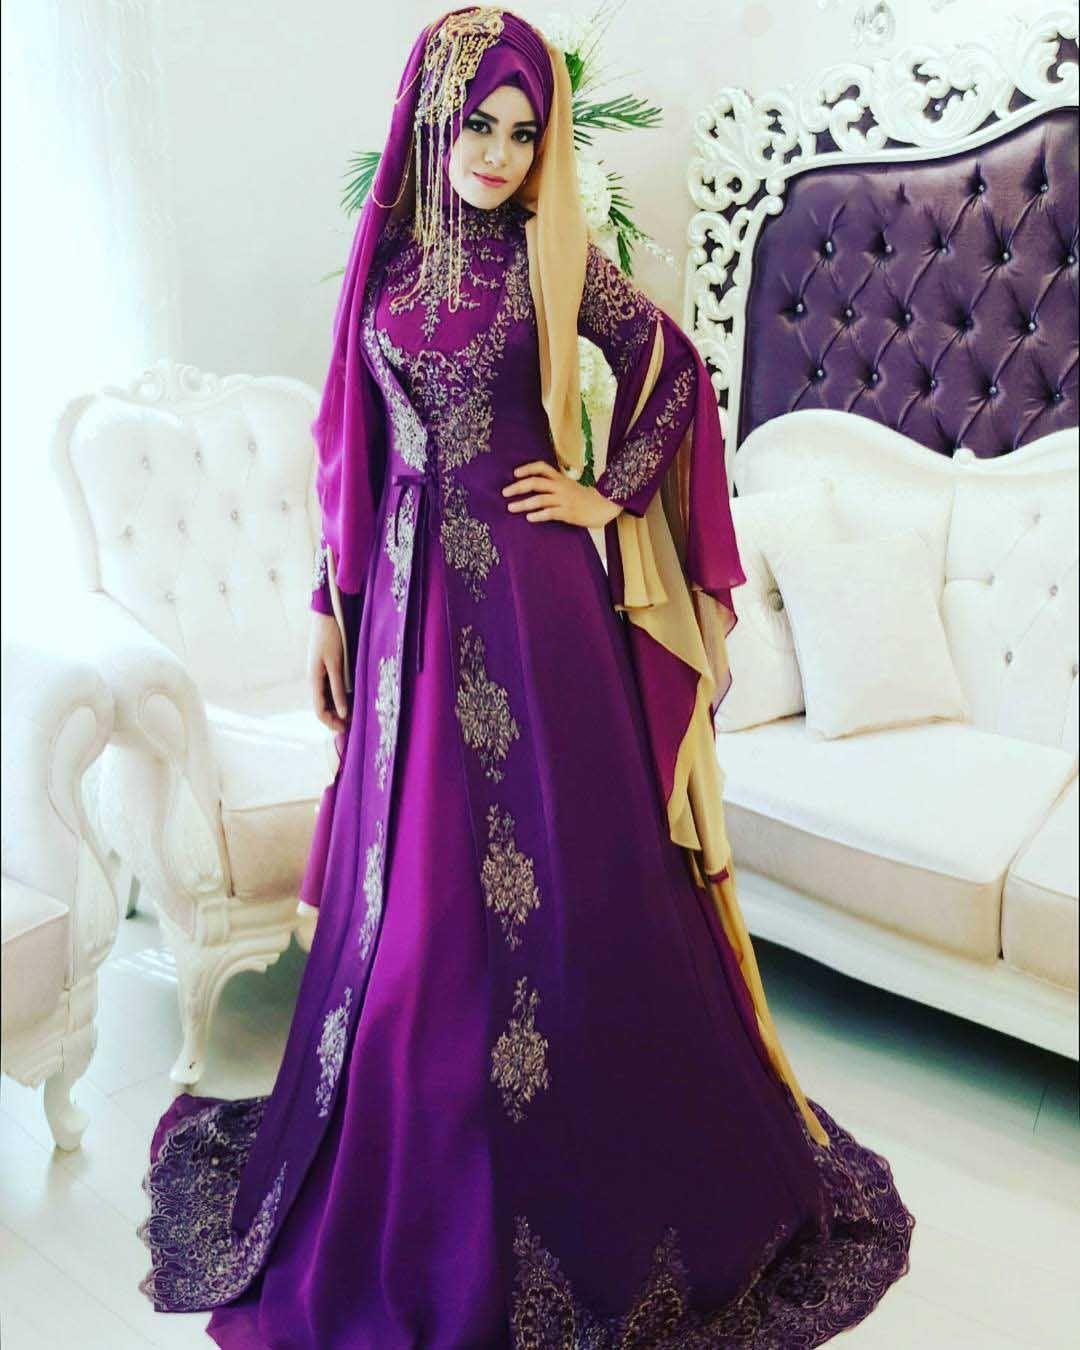 Hijab wedding gown - hijab bridal wear-purple hijab-beautiful hijab ...